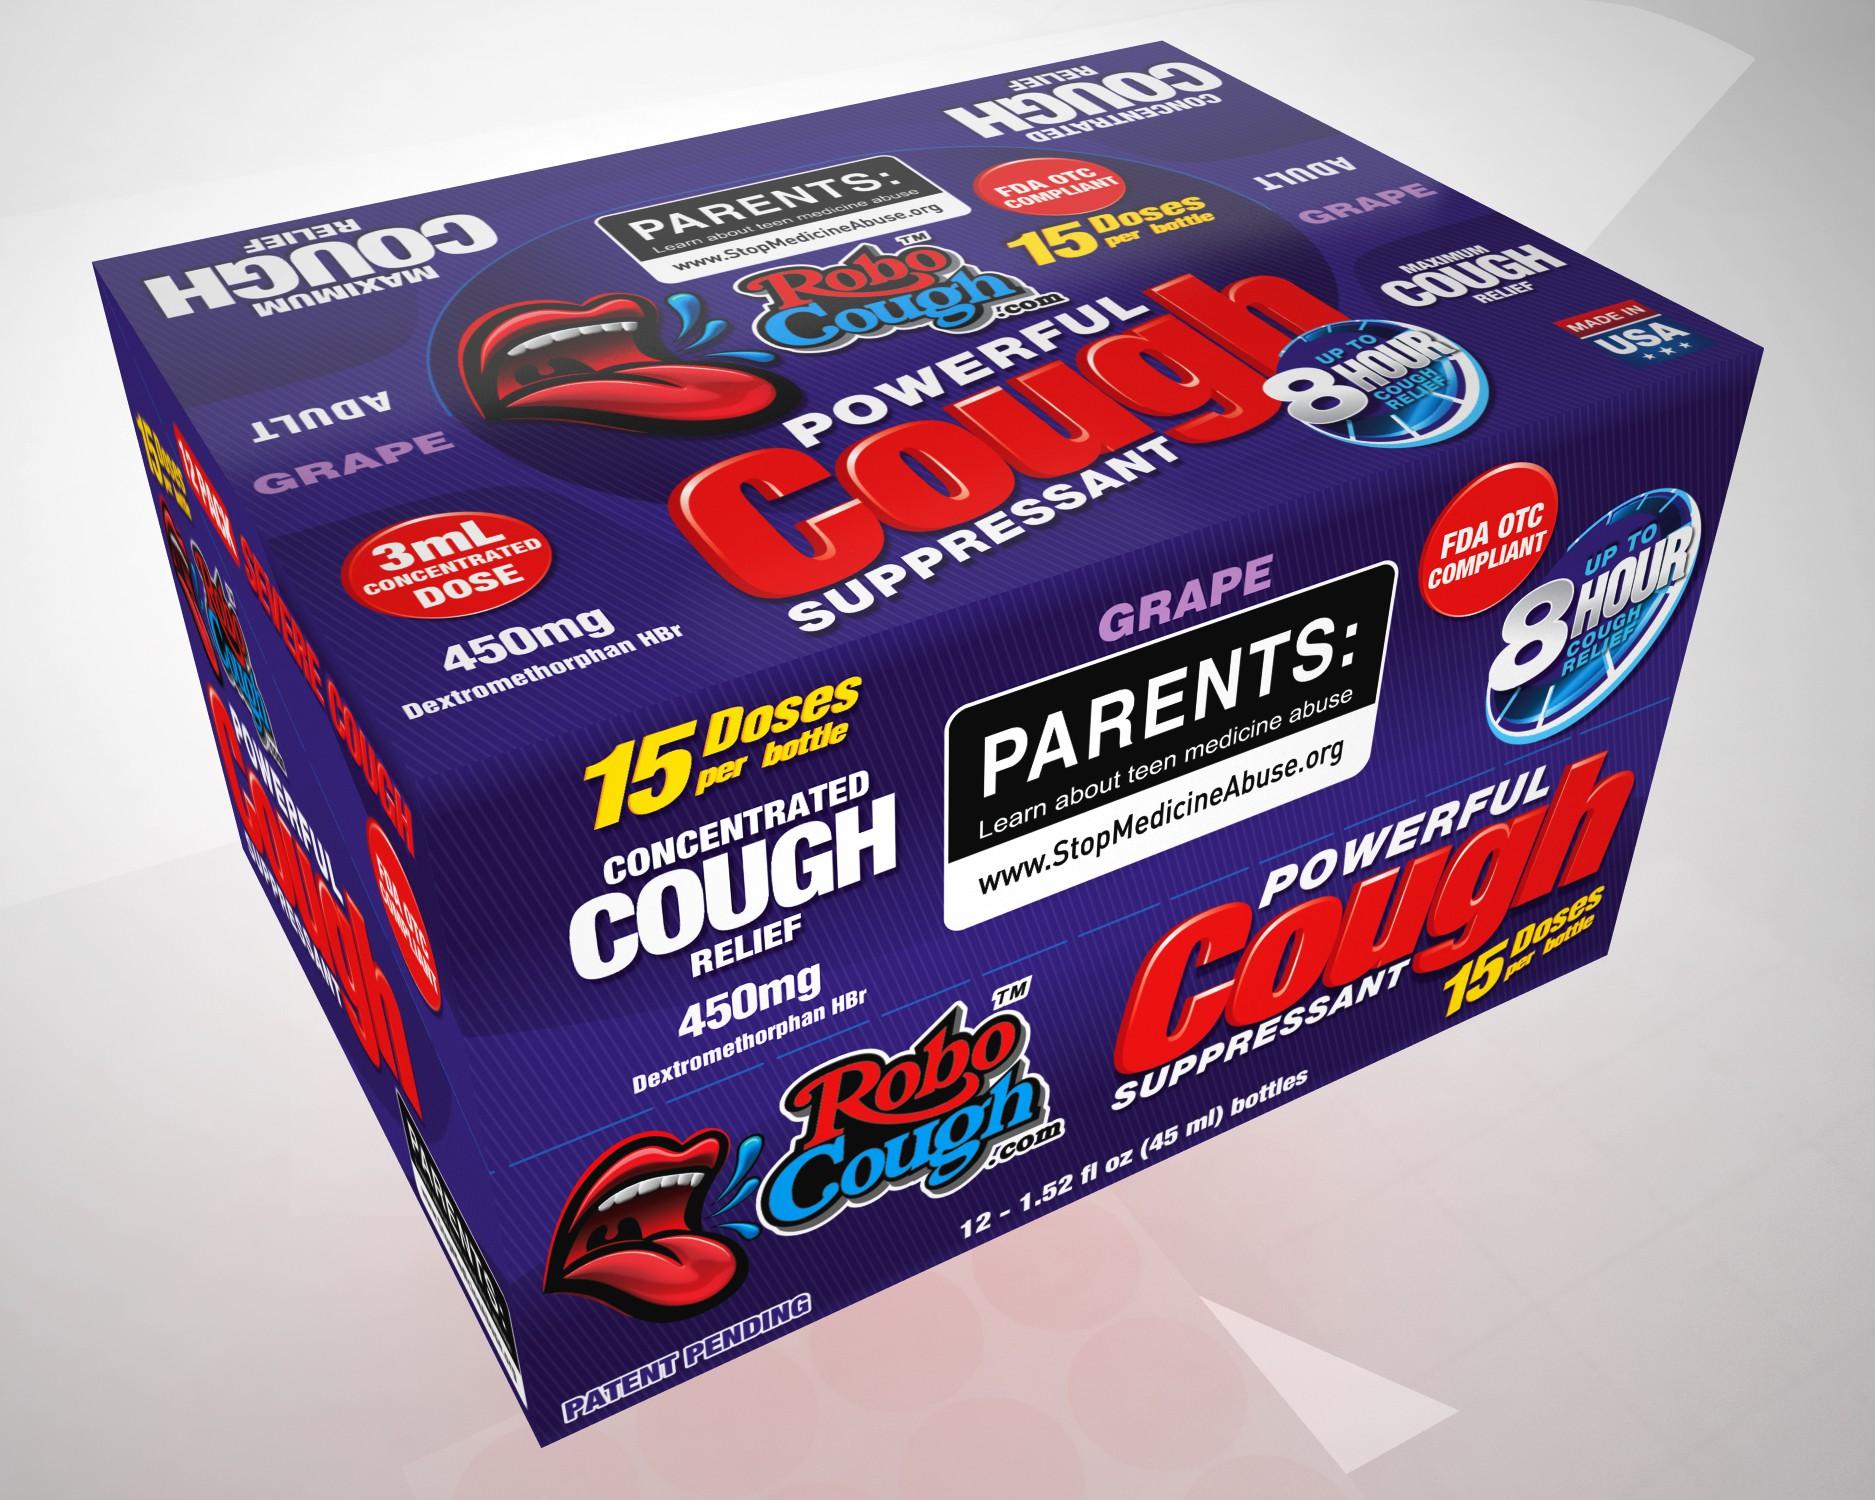 12 count POP box GRAPE flavor